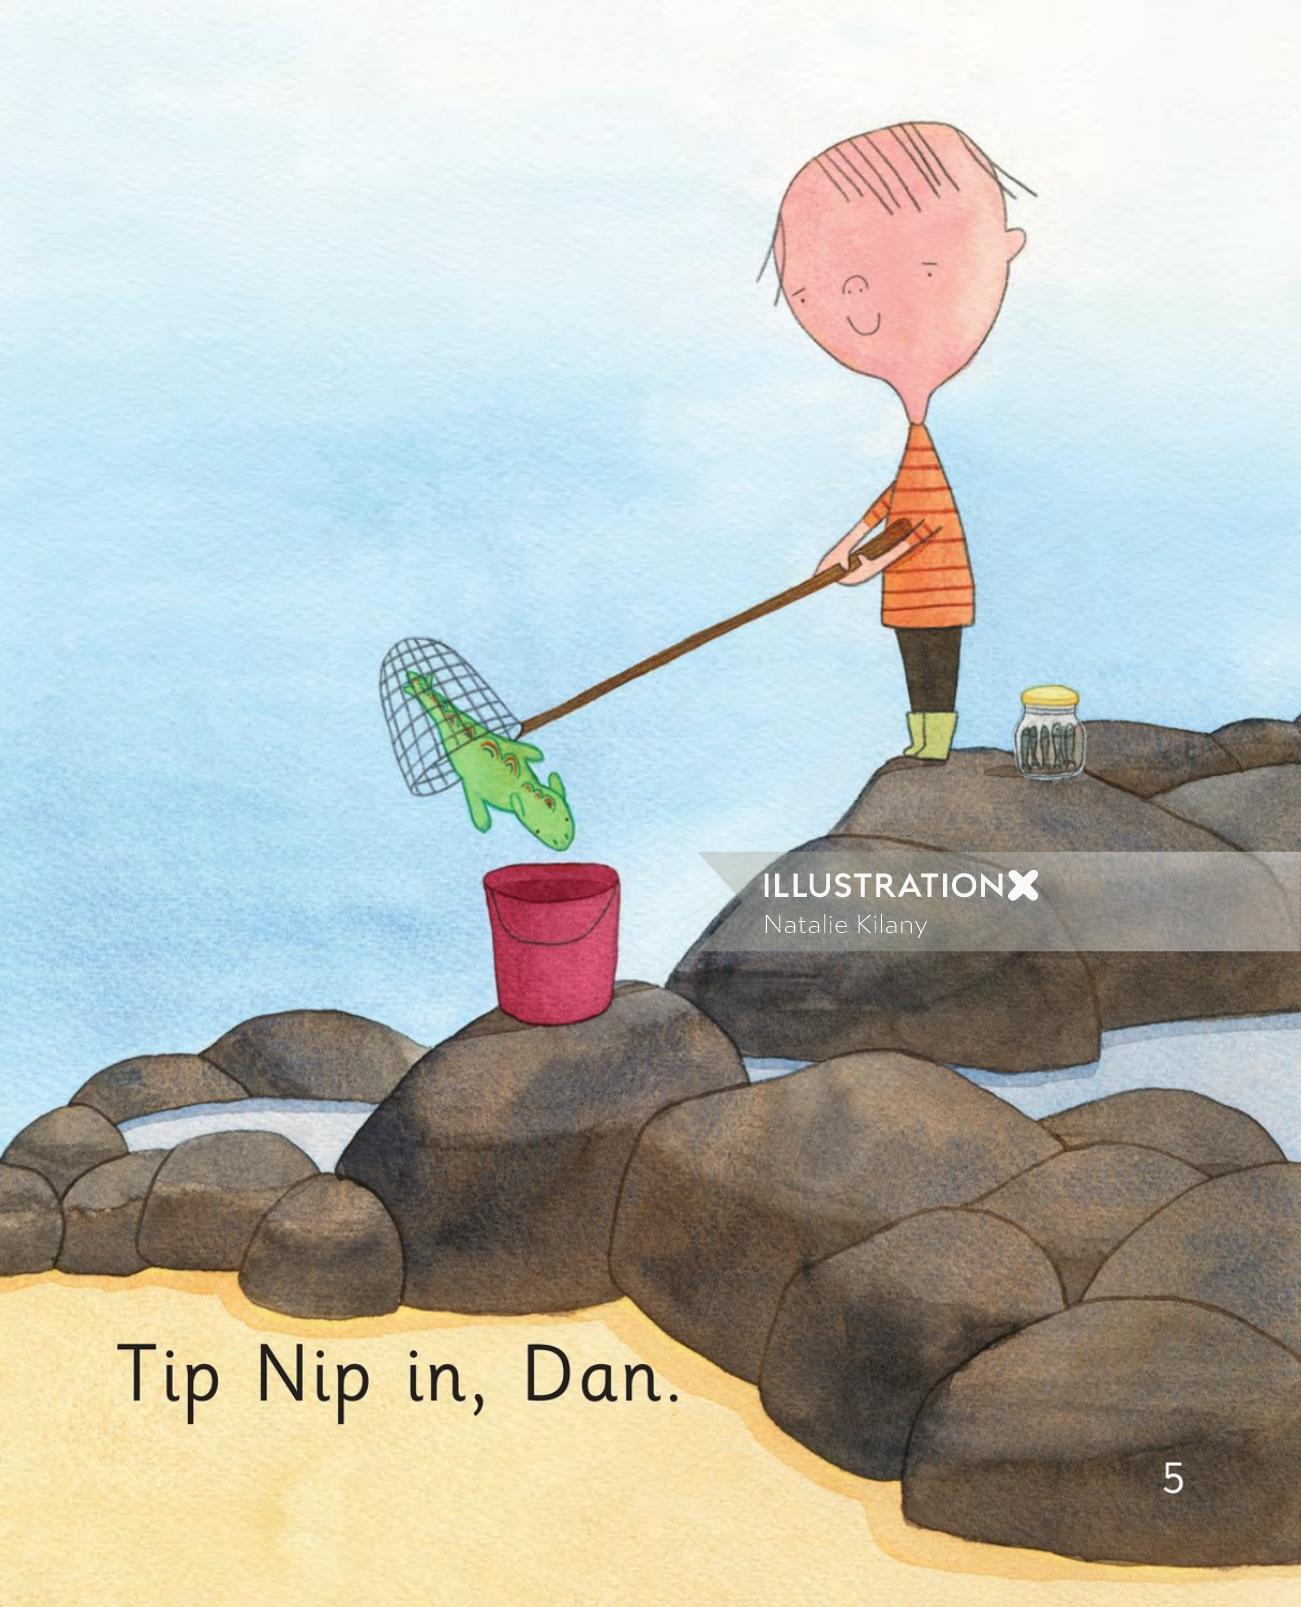 Dad Nips by Natalie Kilany